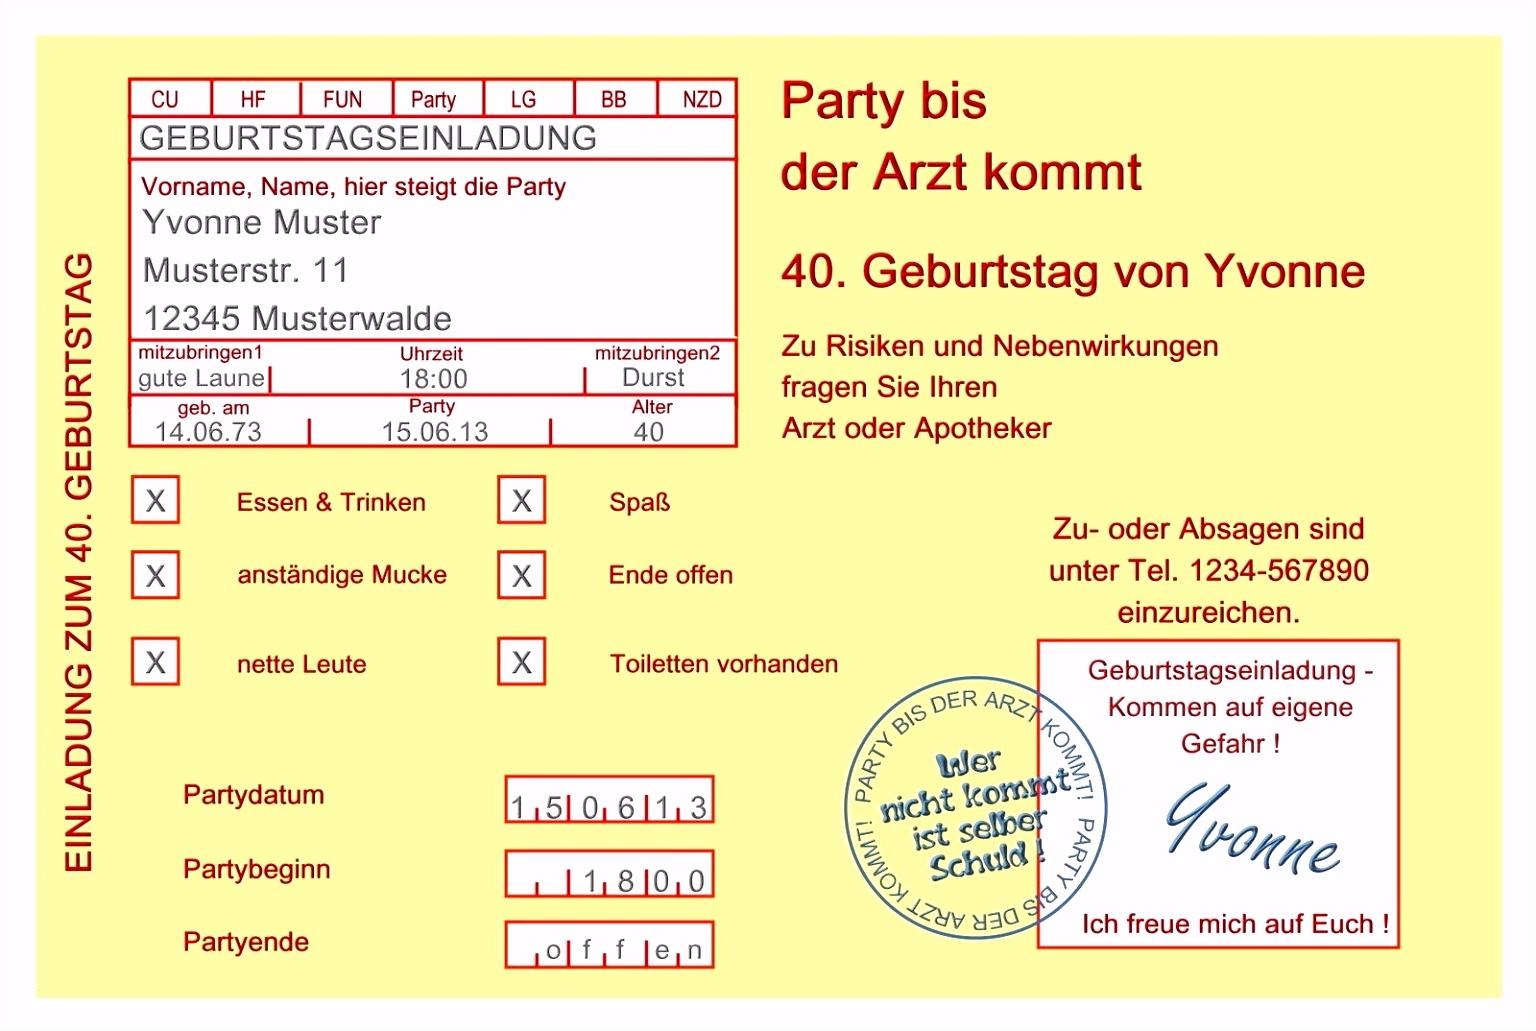 Einladung 80 Geburtstag Vorlage Einladung 80 Geburtstag Vorlage Best Einladungskarten Vorlagen R7wz98igq4 asrnhsdva5